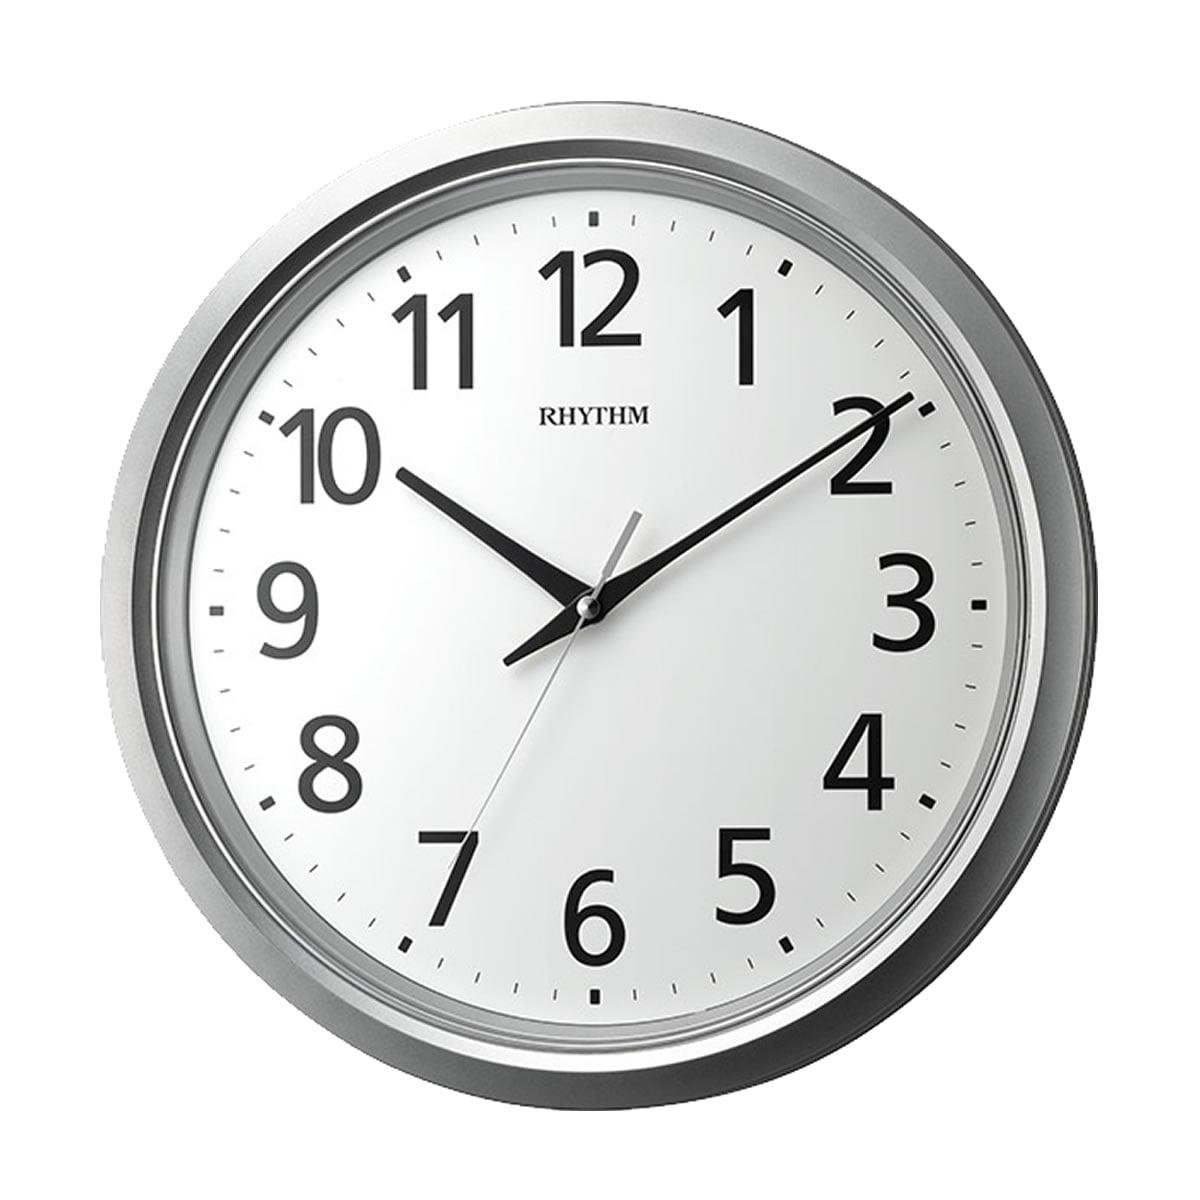 RHYTHM(リズム) 掛け時計 オルロージュM800 8MG800SR19